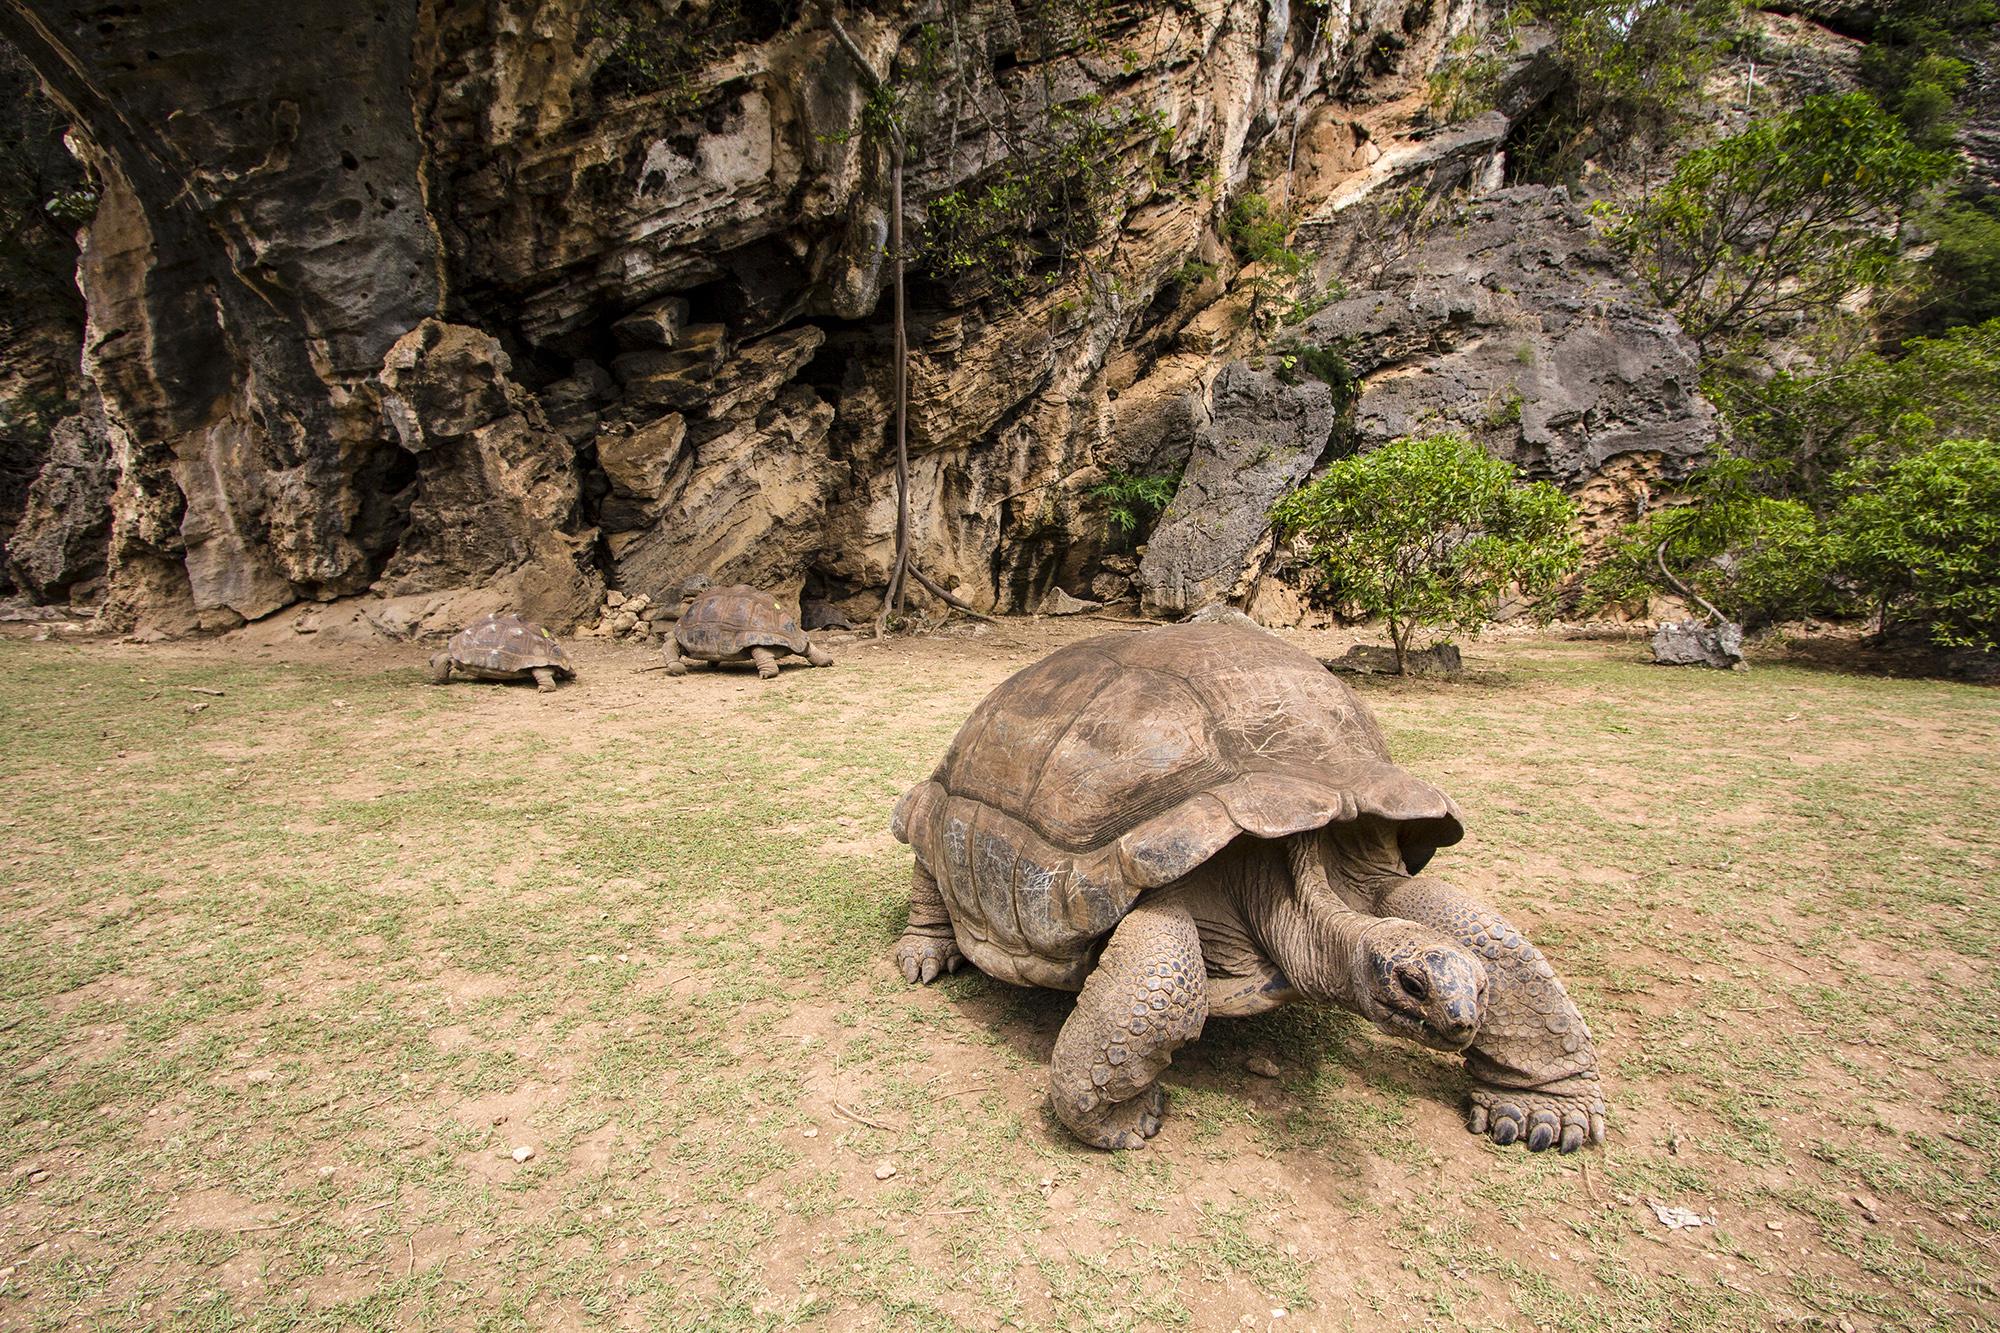 Tortue géante des Seychelles (Aldabrachelys gigantea) à Rodrigues par Guillaume Projetti